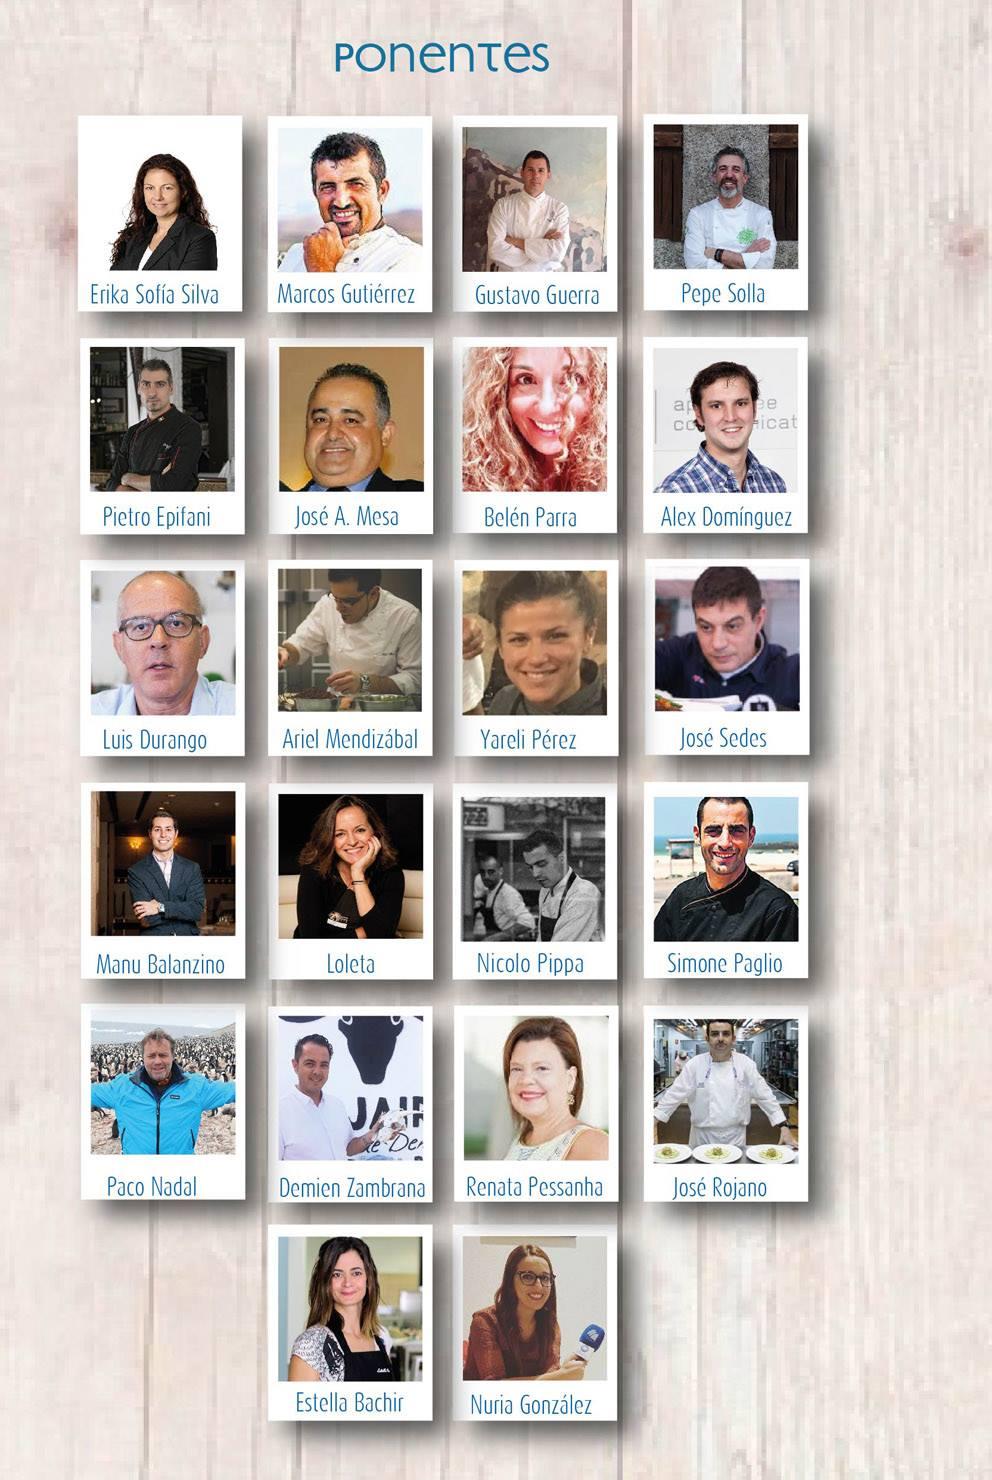 Más de 20 ponentes se dan cita en Taste Fuerteventura